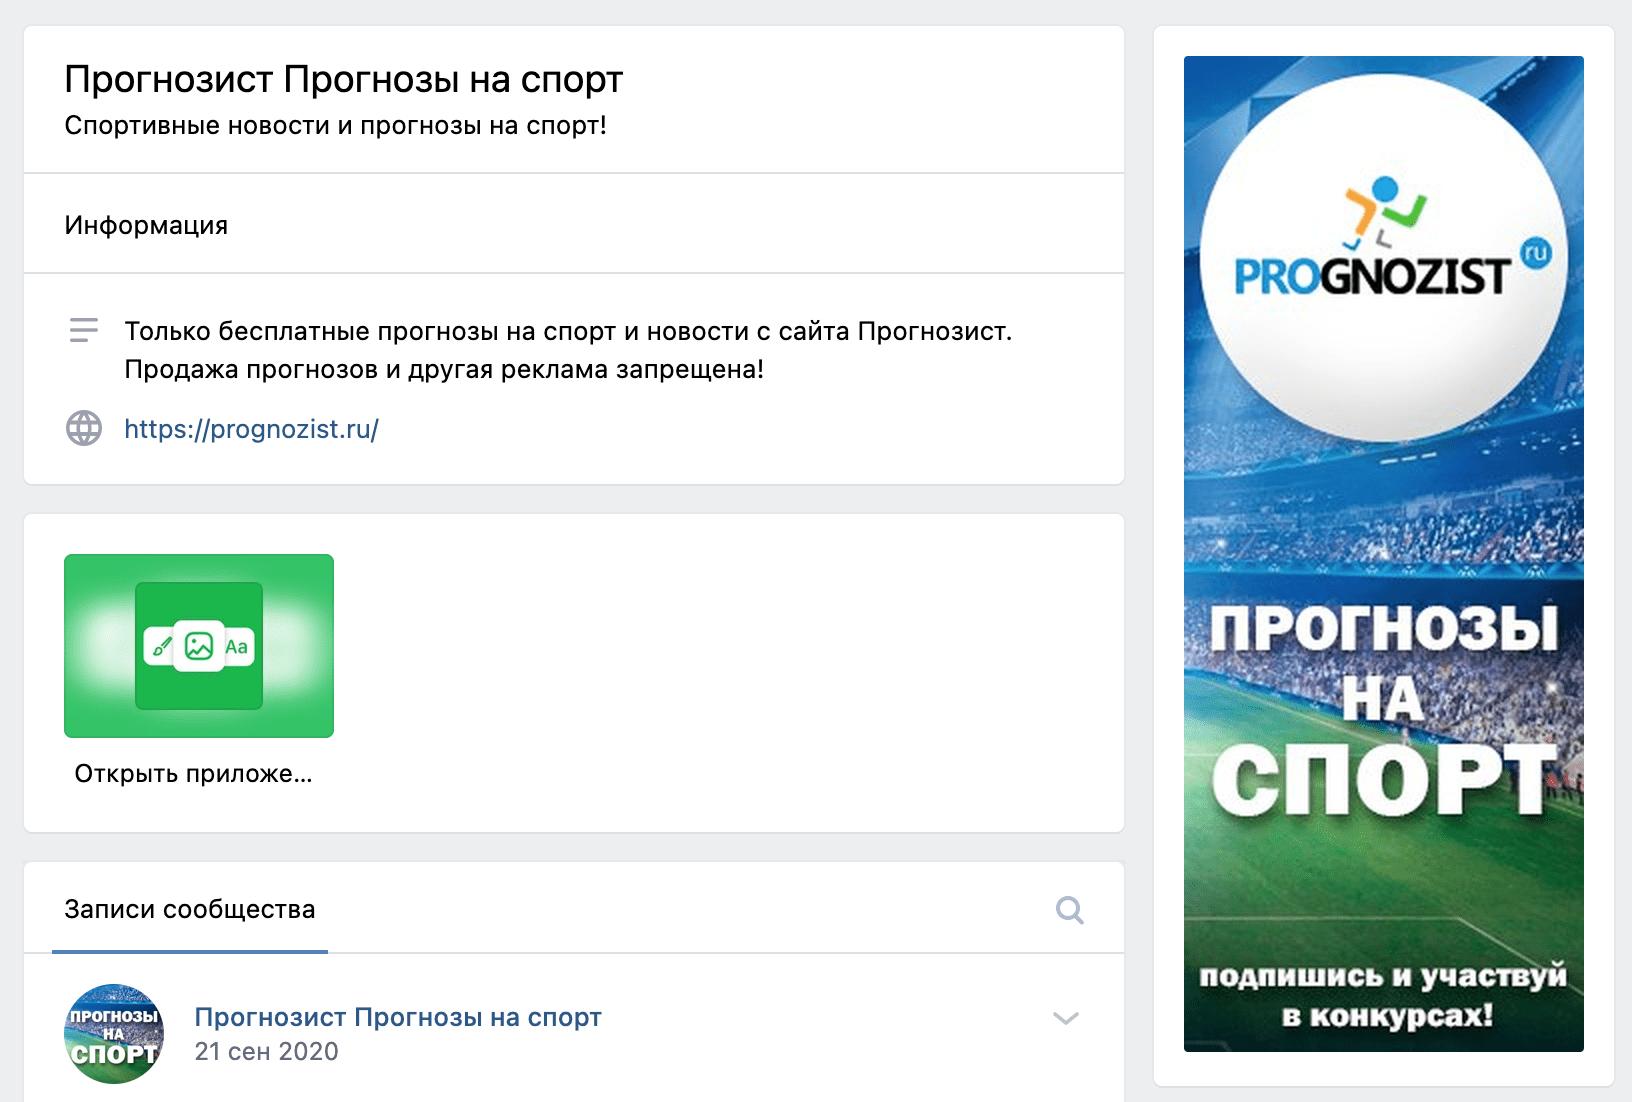 Группа ВК Prognozist.ru(Прогнозист)